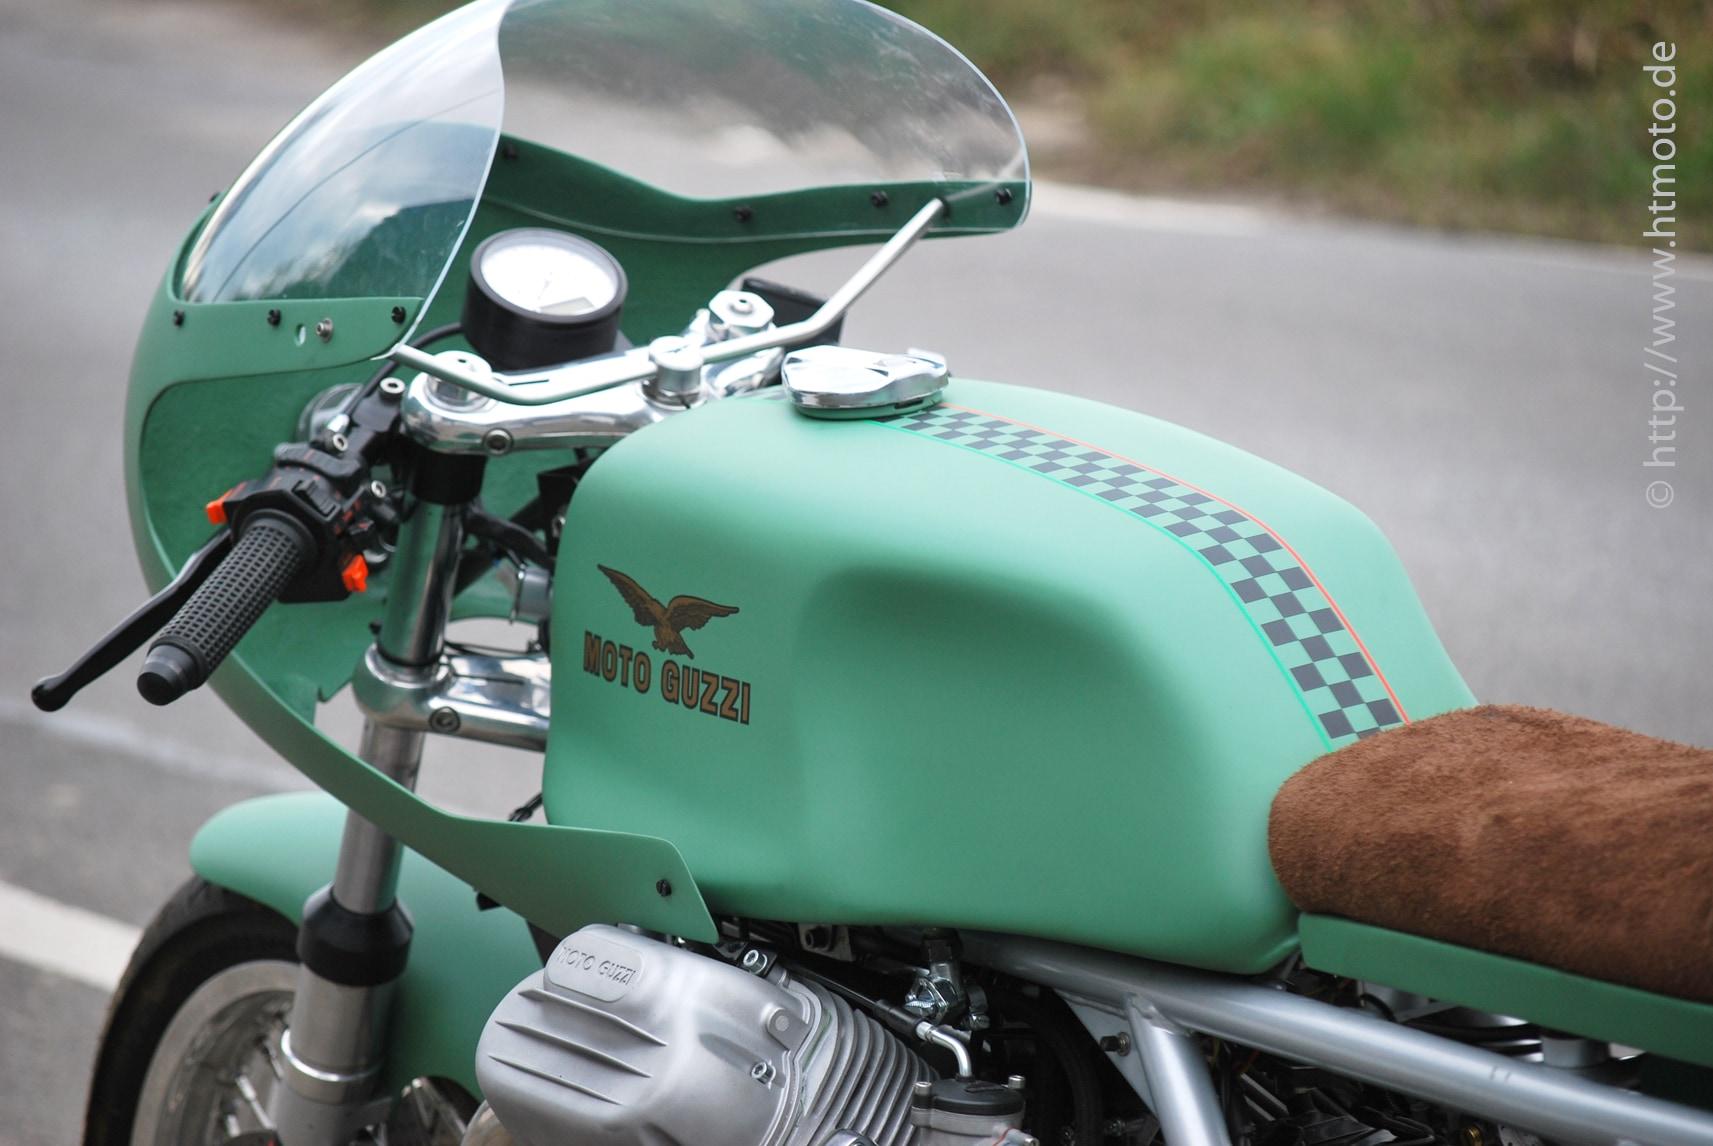 Moto Guzzi mit BL 2000 Blinker